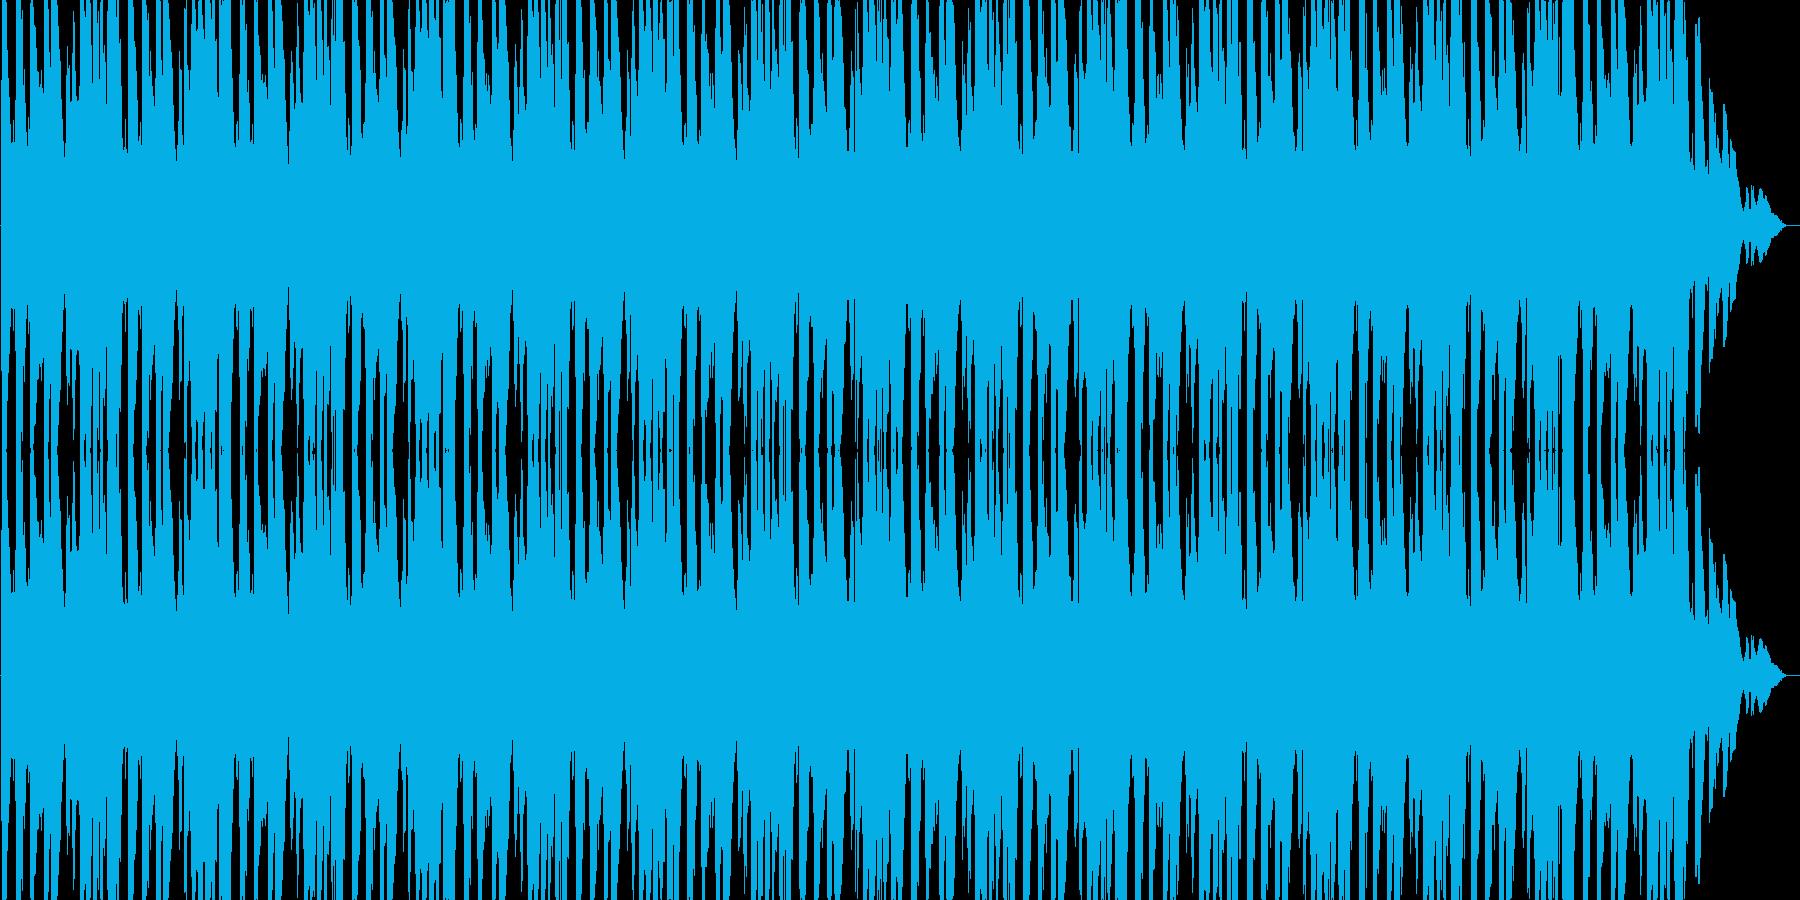 アクションゲームのBGMに効果的です。の再生済みの波形